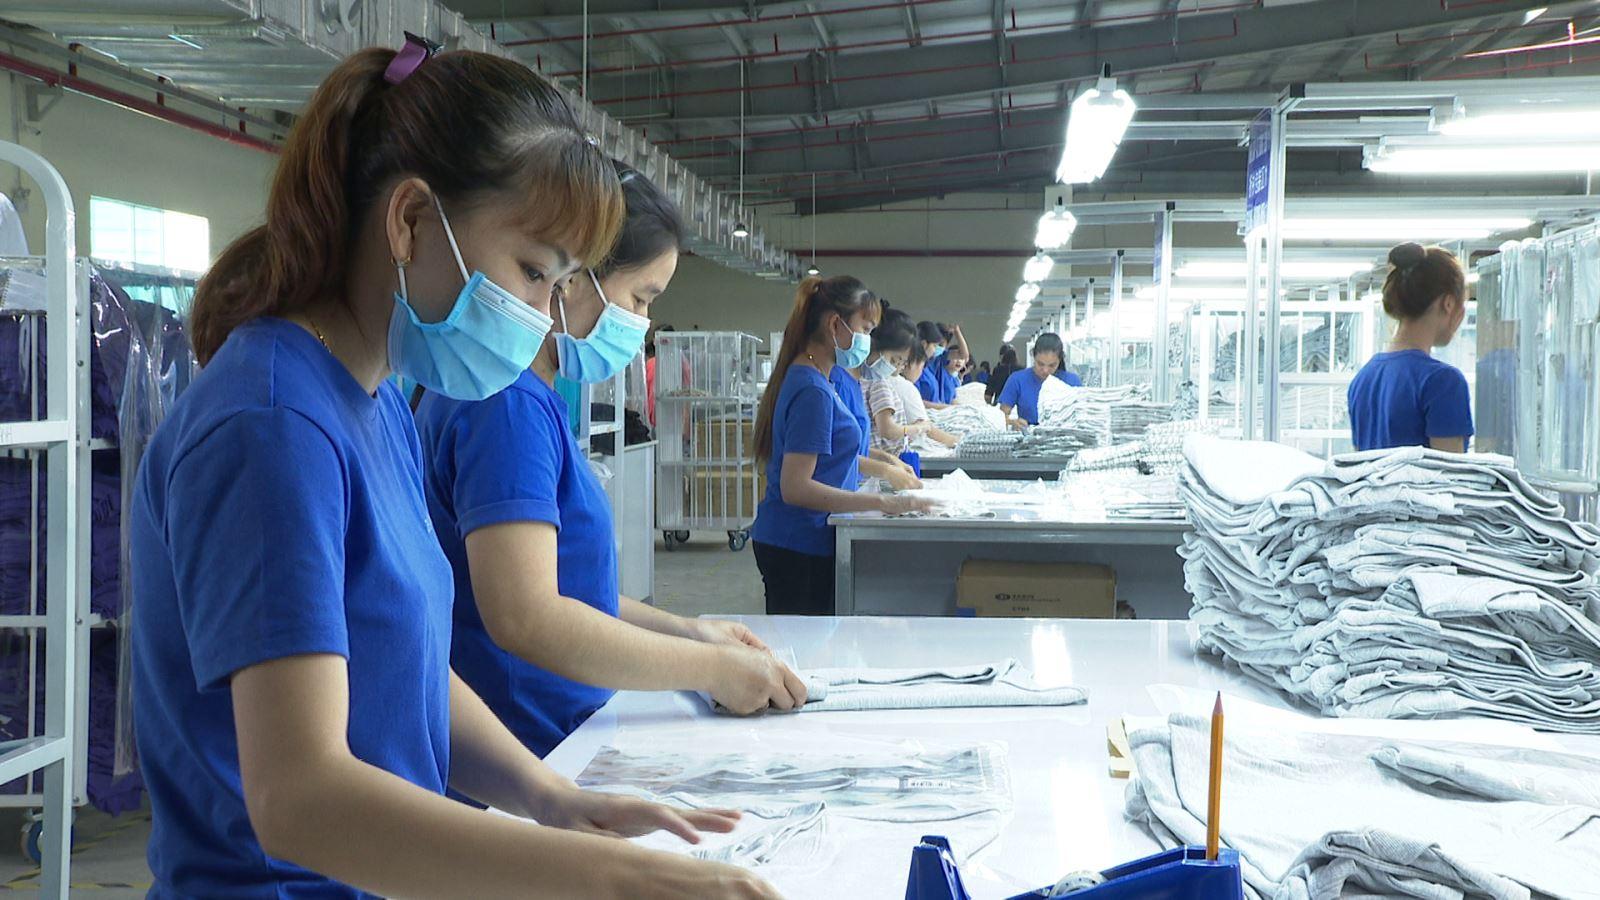 Công nhân làm việc tại Khu công nghiệp Thành Thành Công, Tây Ninh. (Ảnh: Báo Tây Ninh)